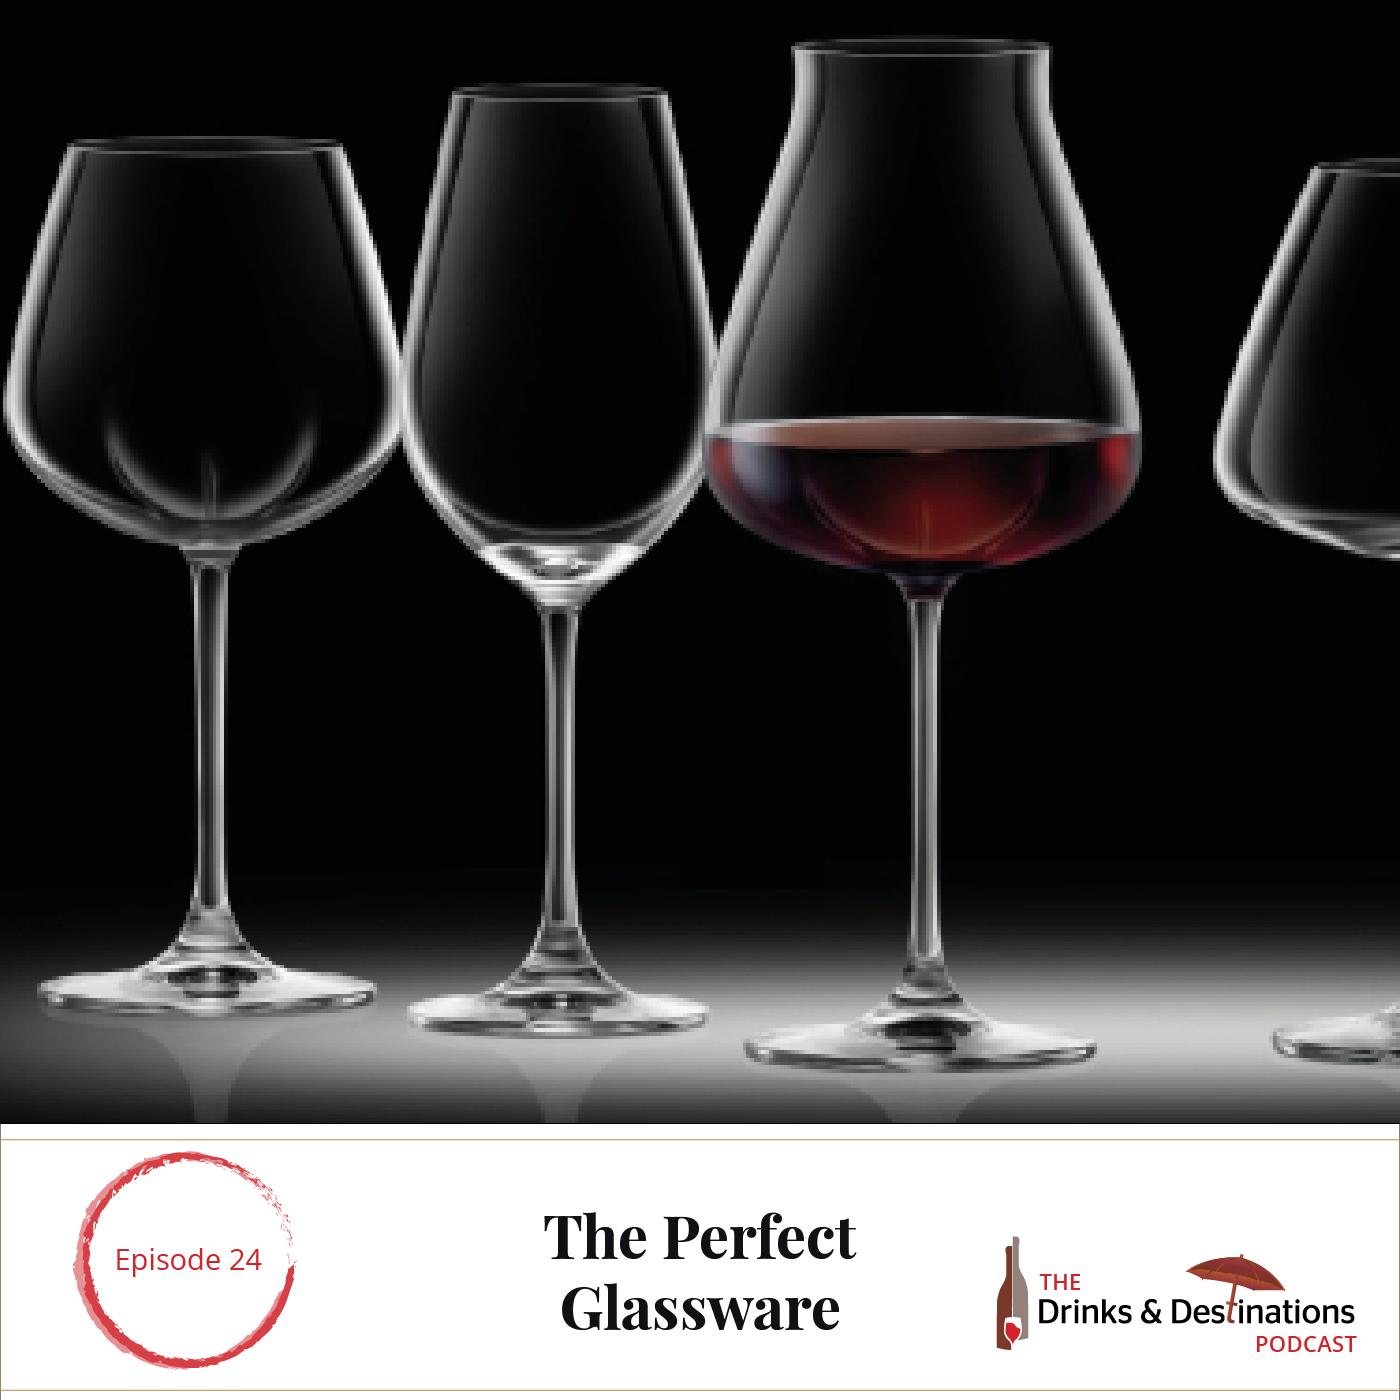 Ep. 24: The Perfect Glassware